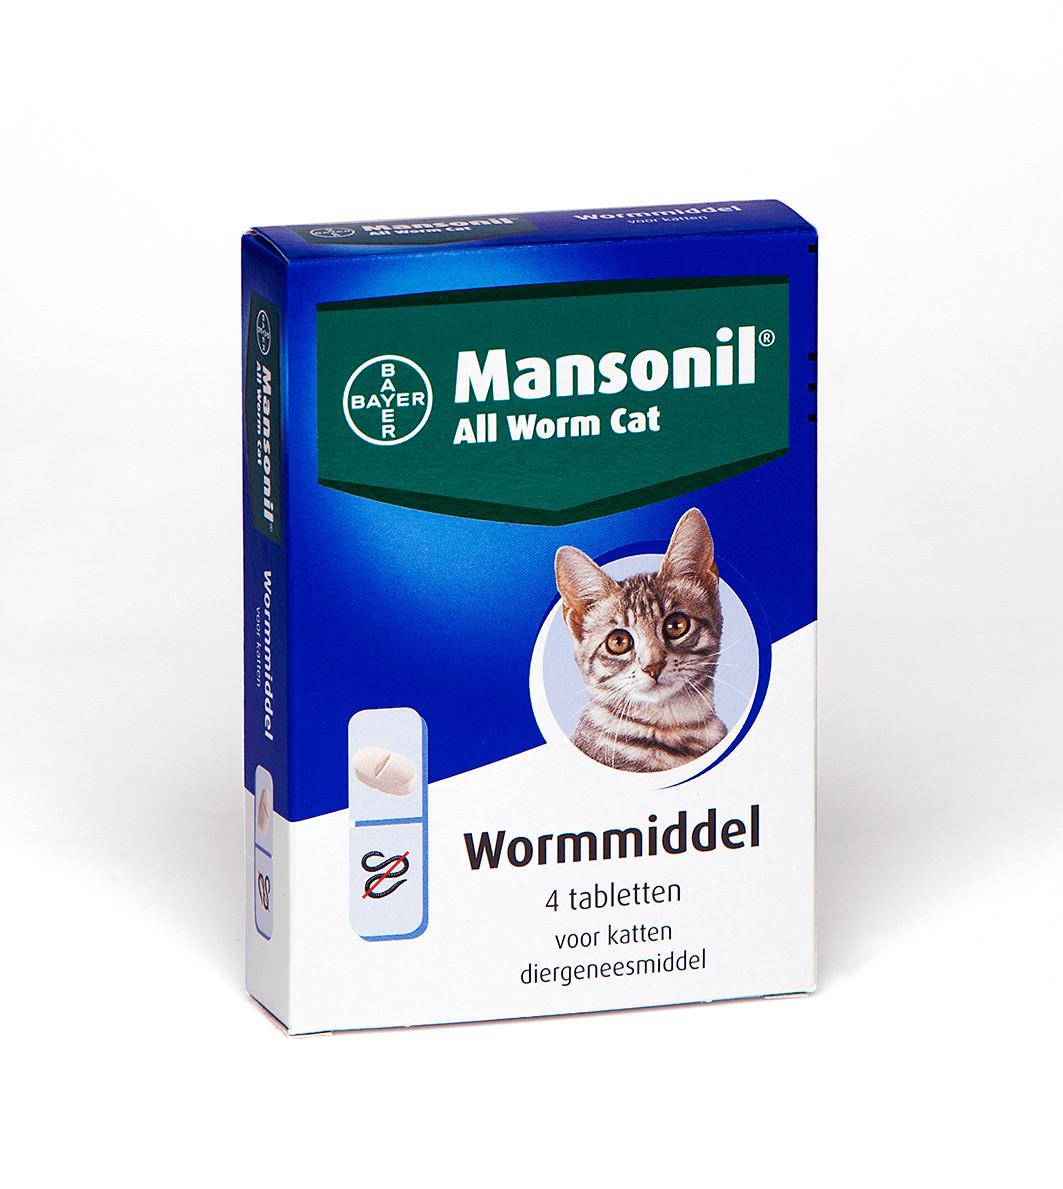 Mansonil All Worm Cat voor de kat